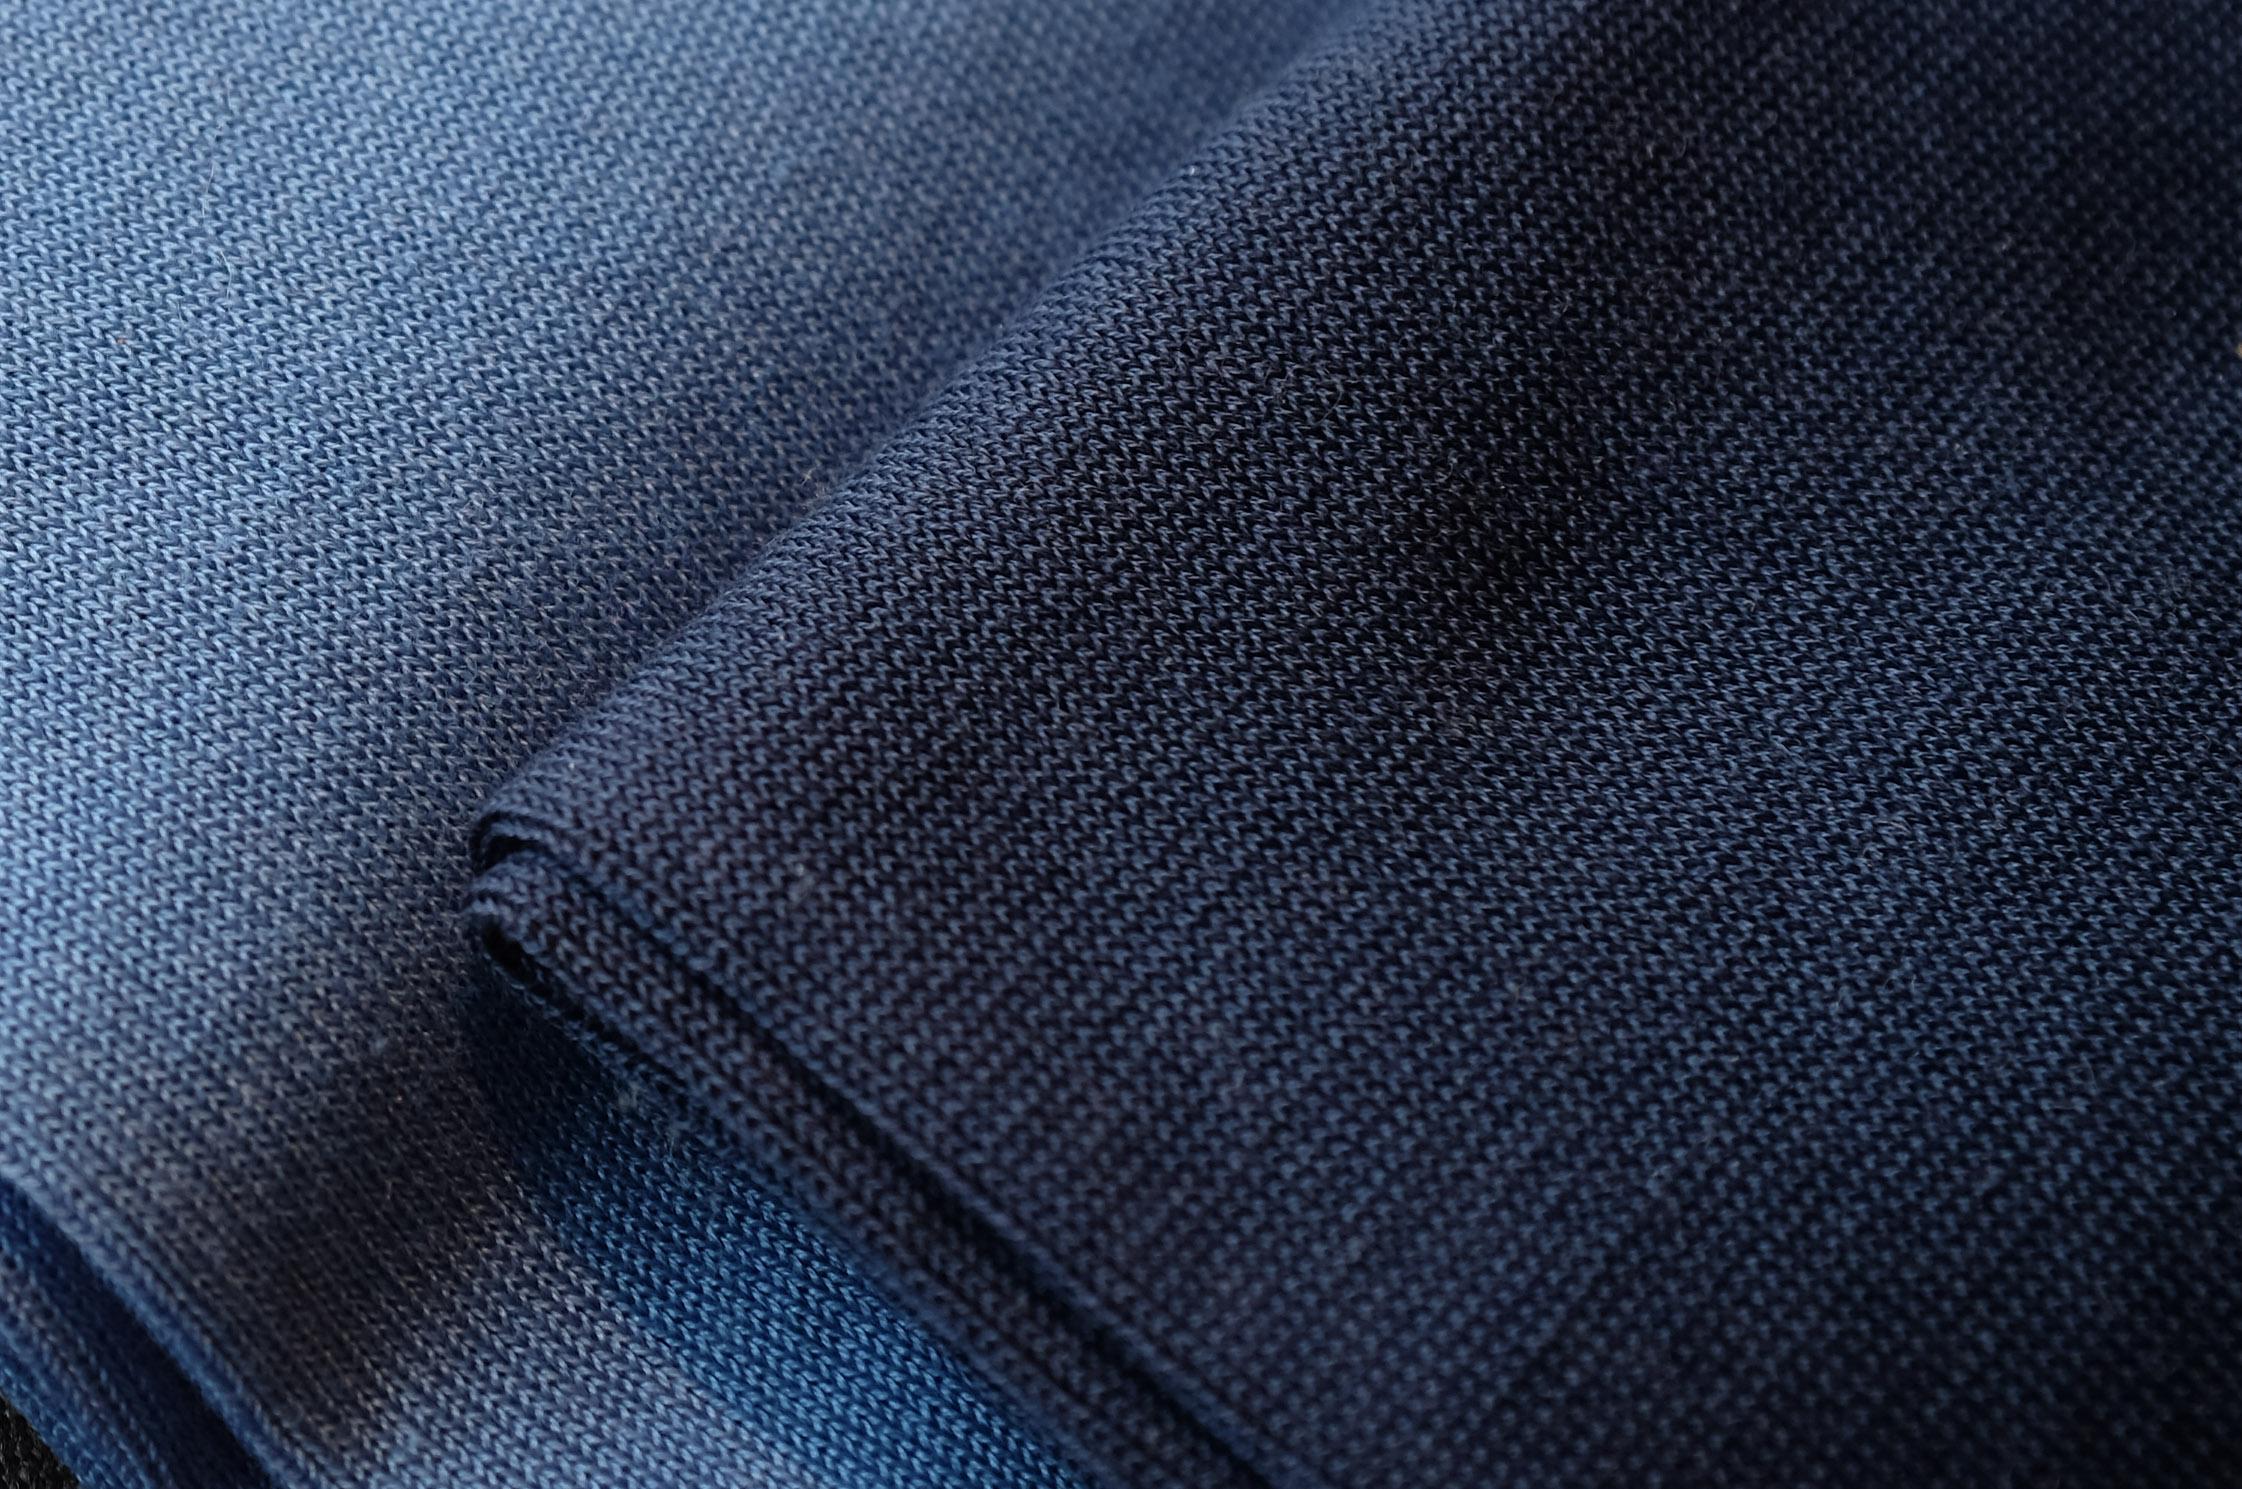 Socken - Socken von Falke in verschiedenen Materialien und Farben, wählen Sie aus einem riesigen Sortiment.